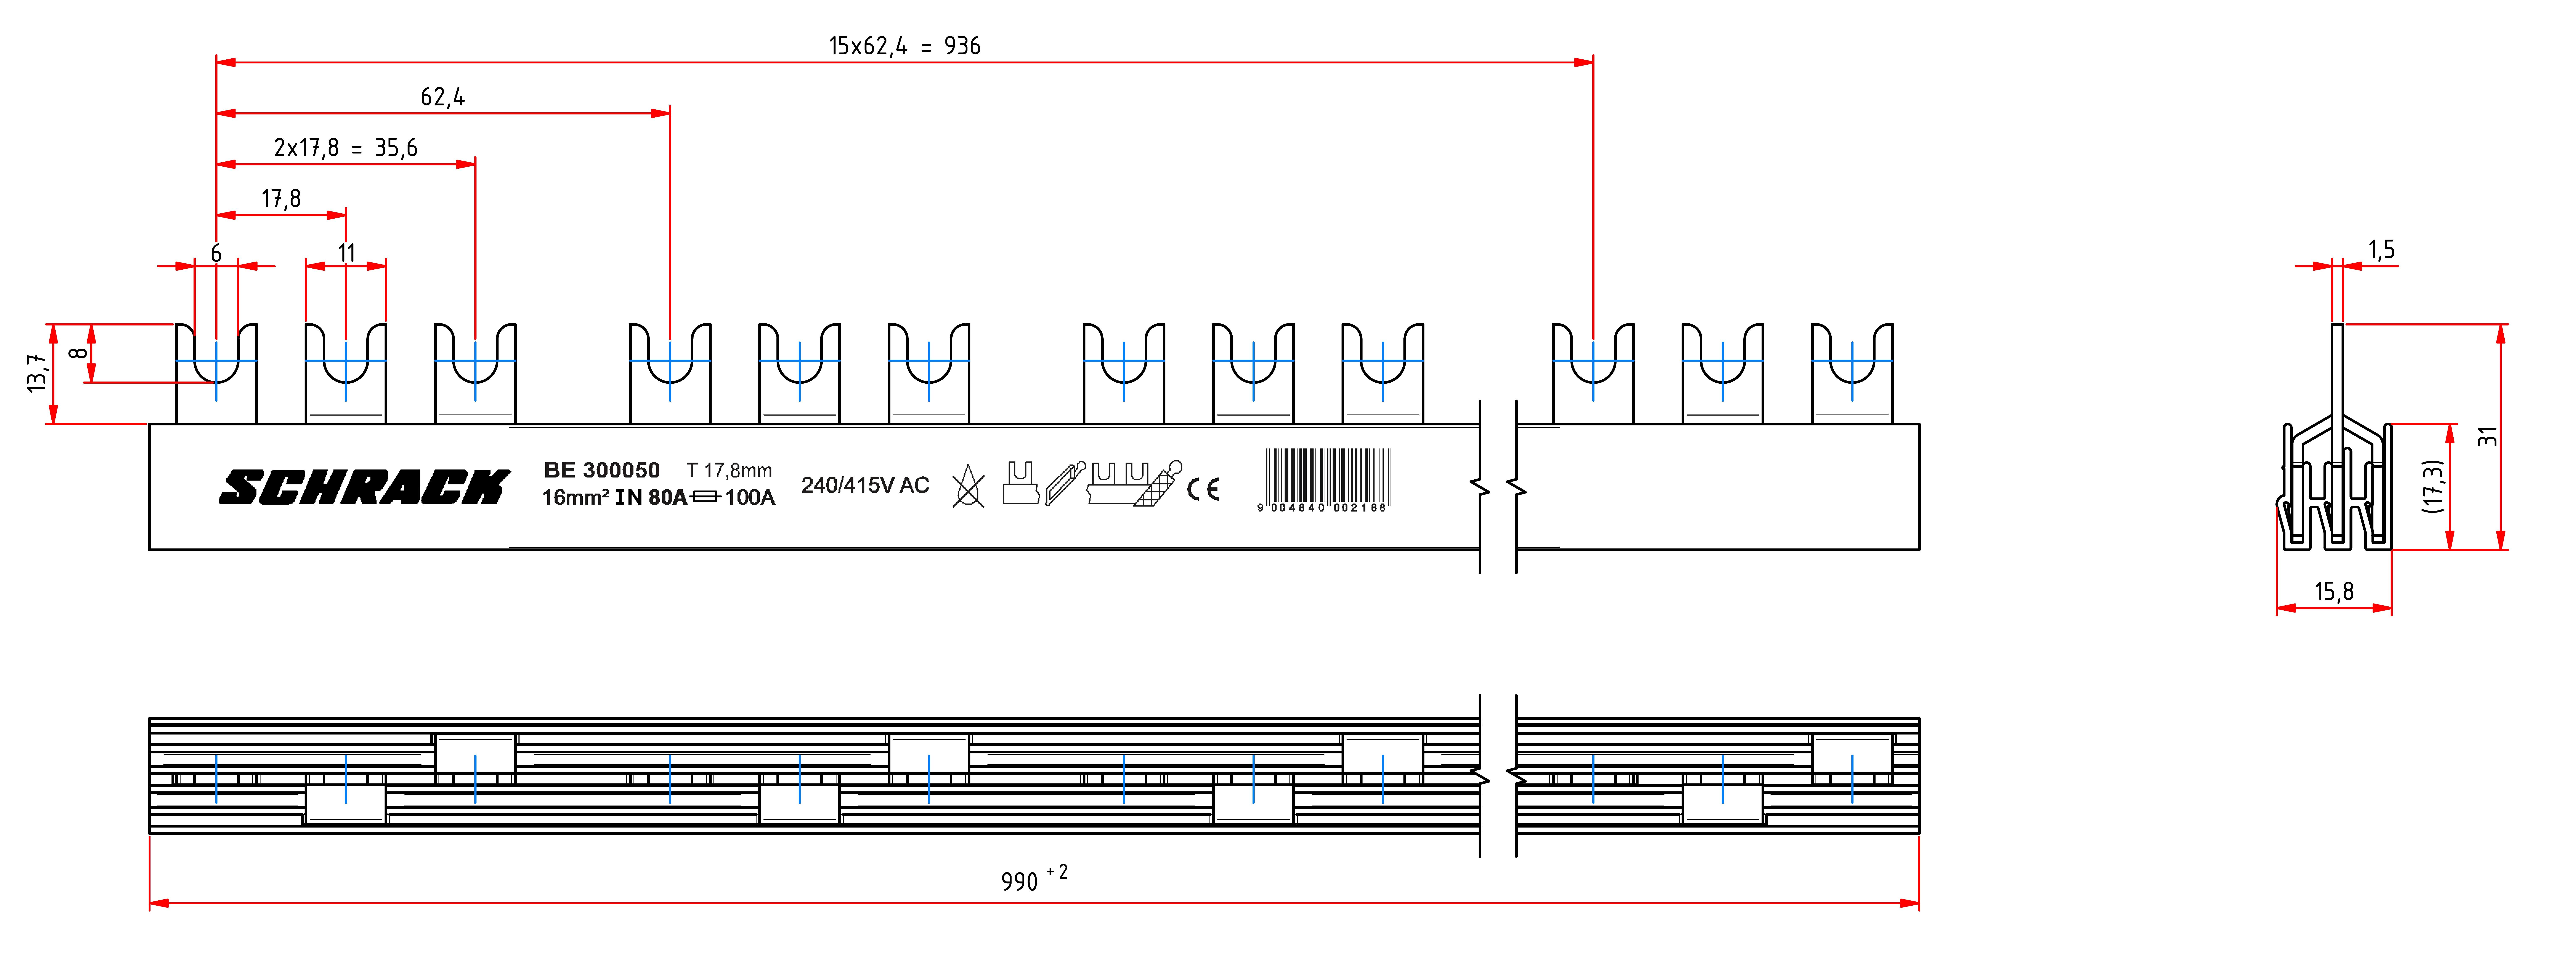 1 Stk MT-Verschienung 3-polig/16mm² BE300050--